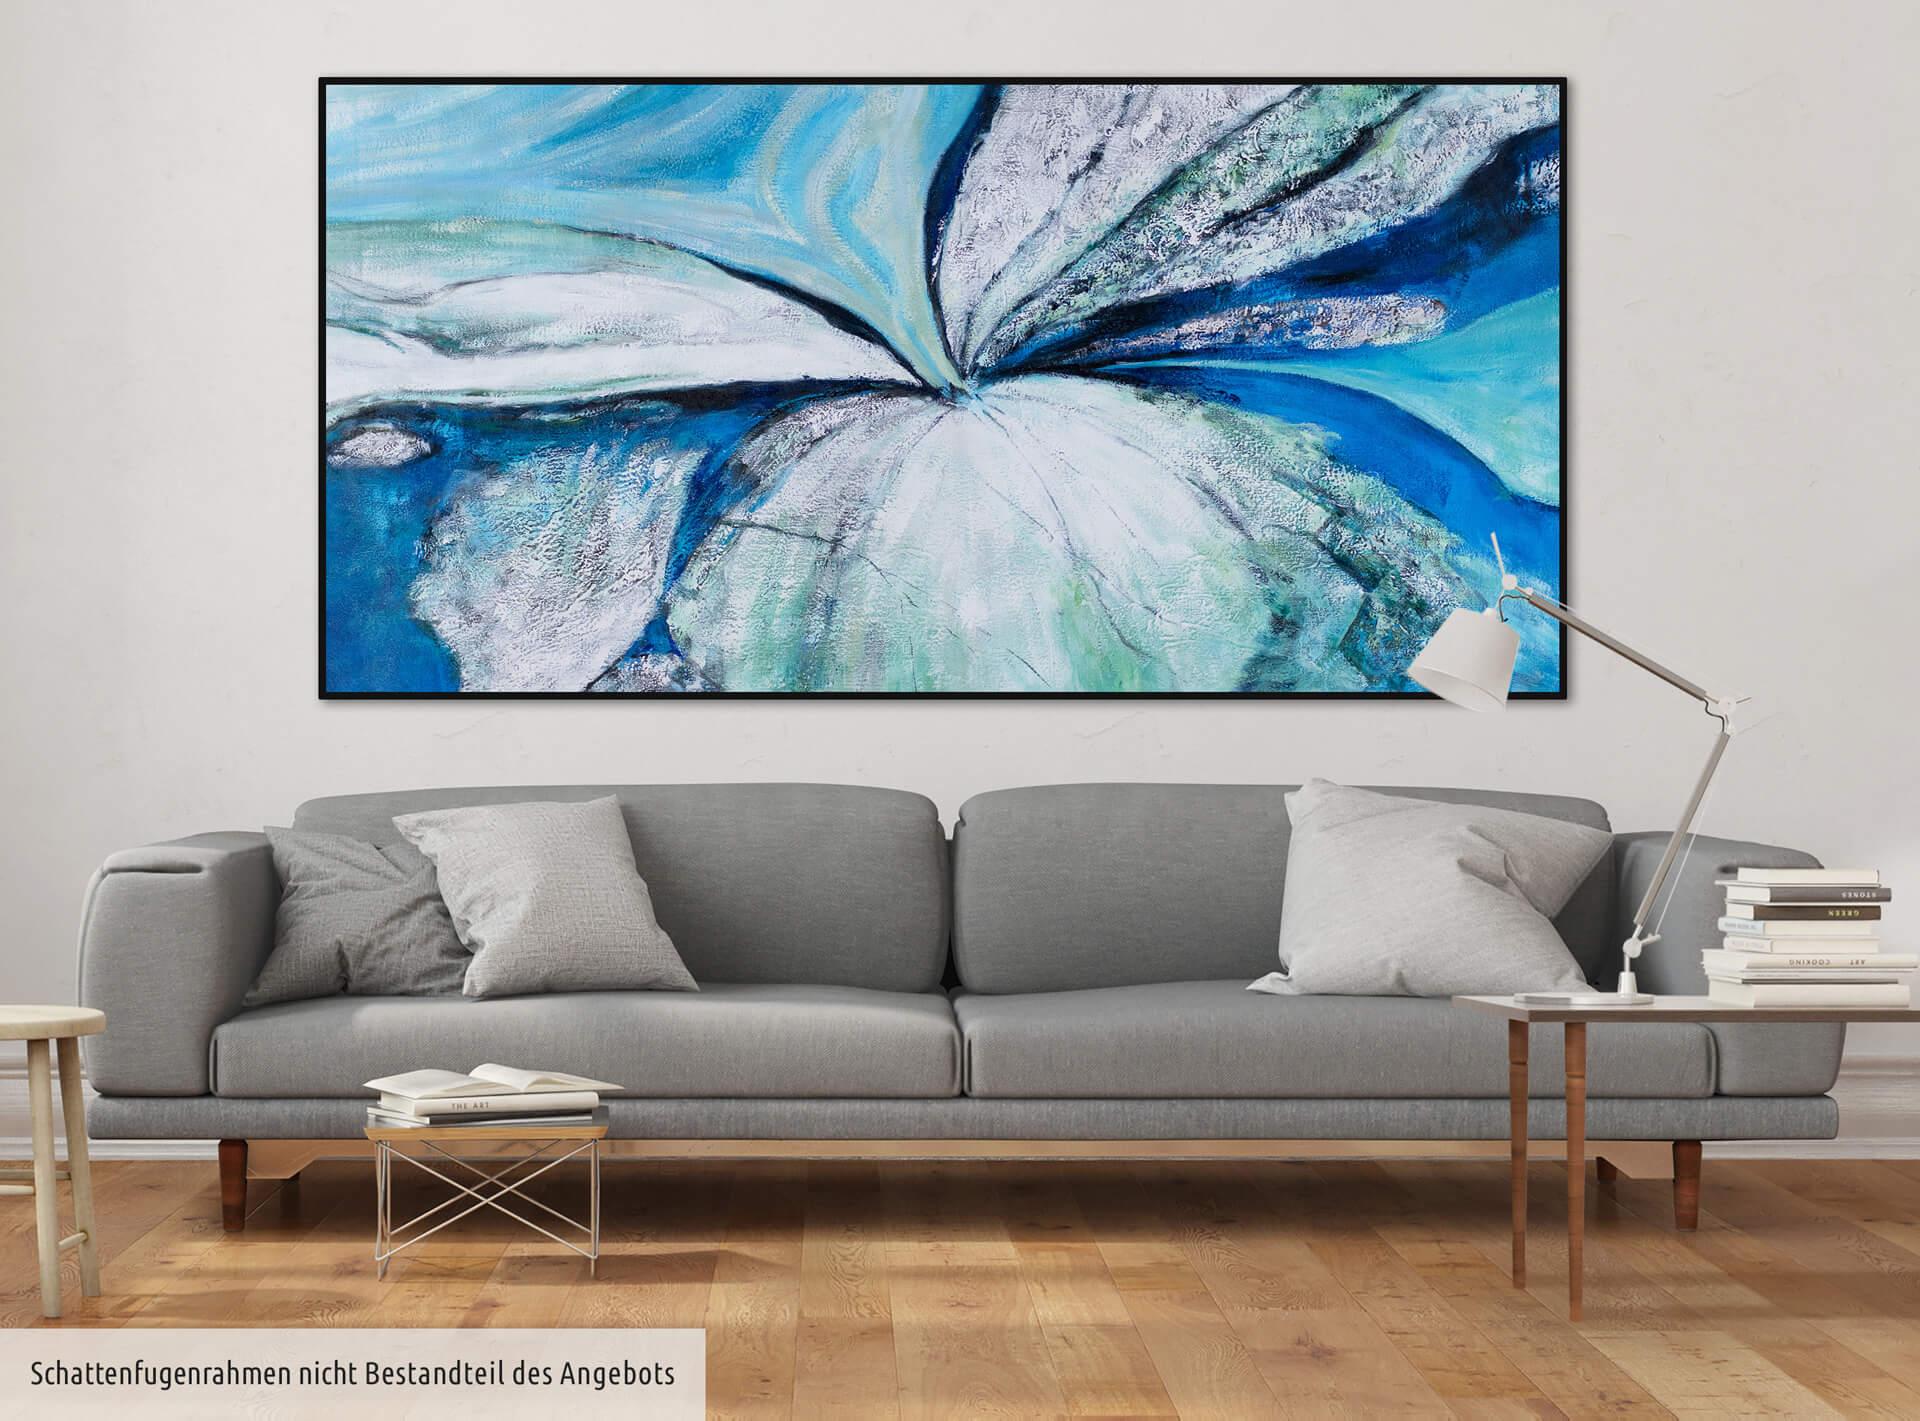 kl abstrakt spirale blau gruen modern acryl gemaelde oel bild 0001 08